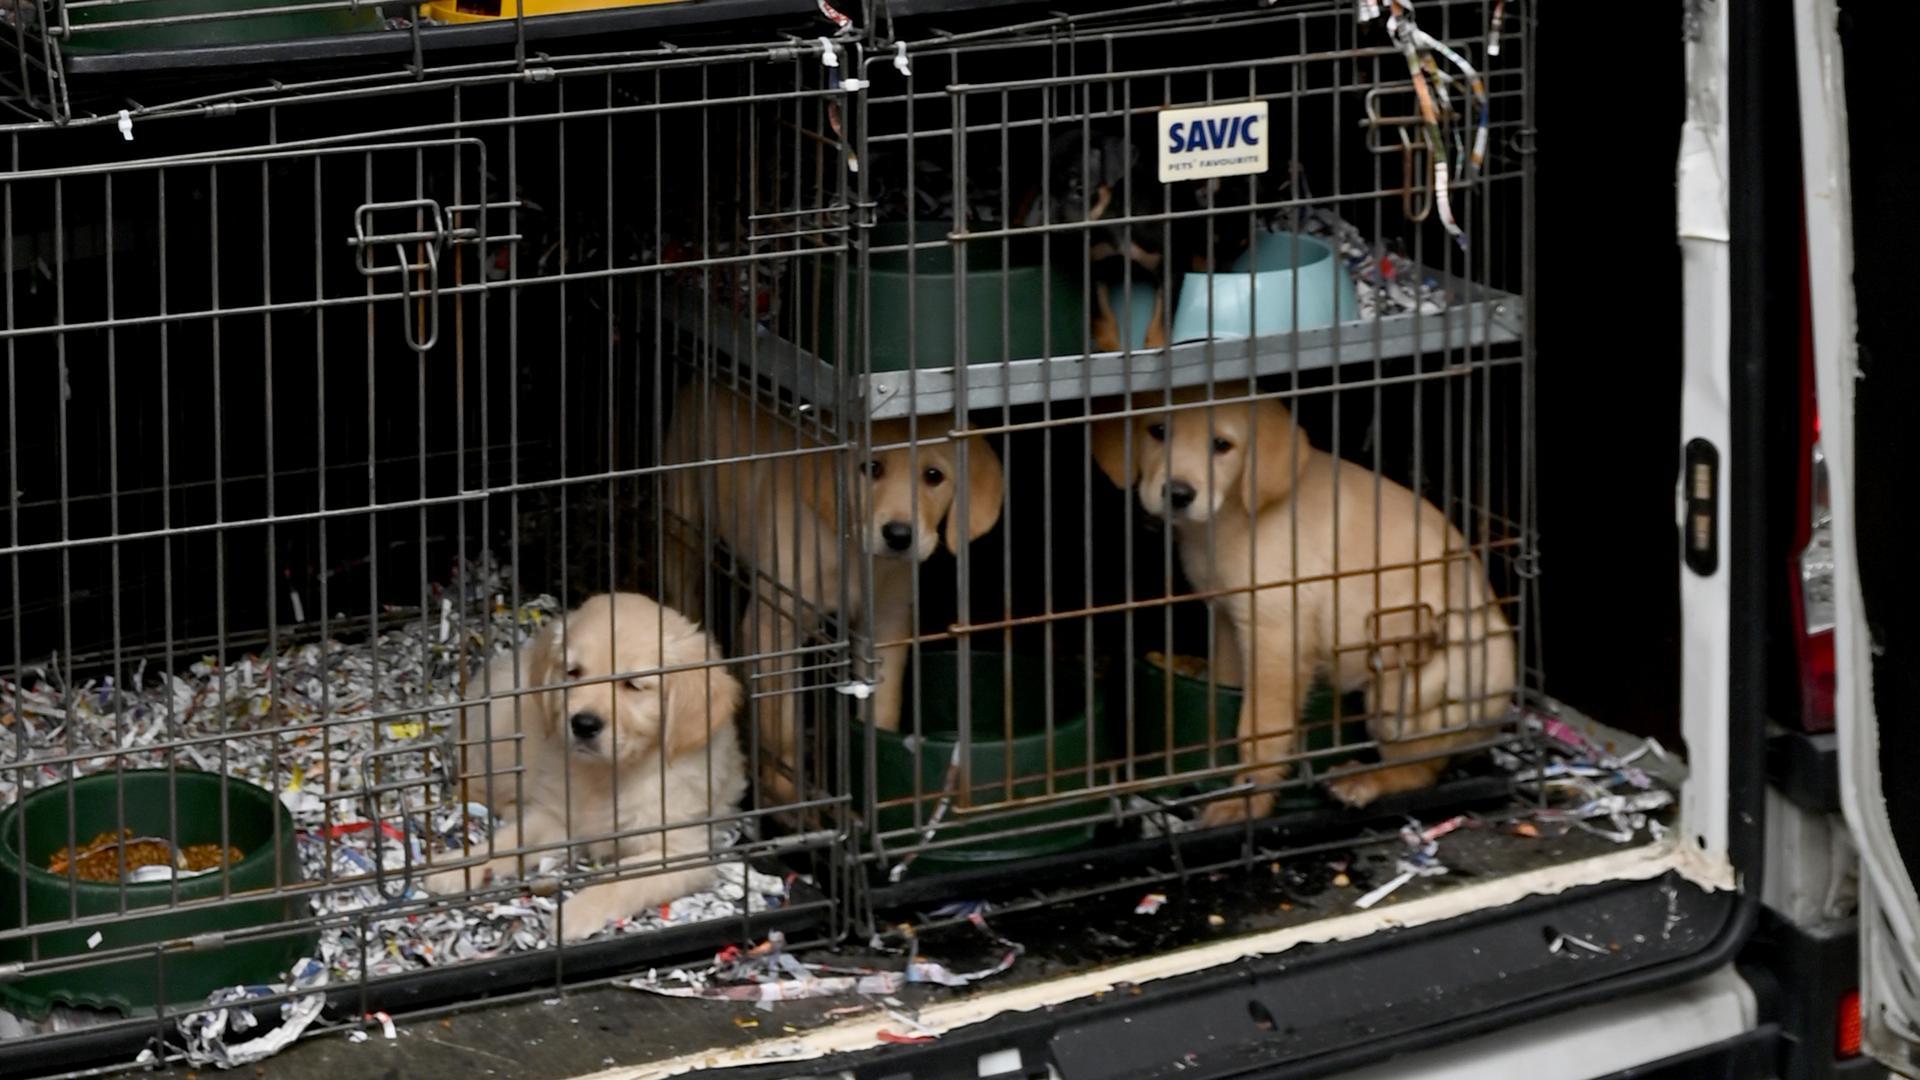 Mehrere Hundwelpen in Käfigen in einem Transporter